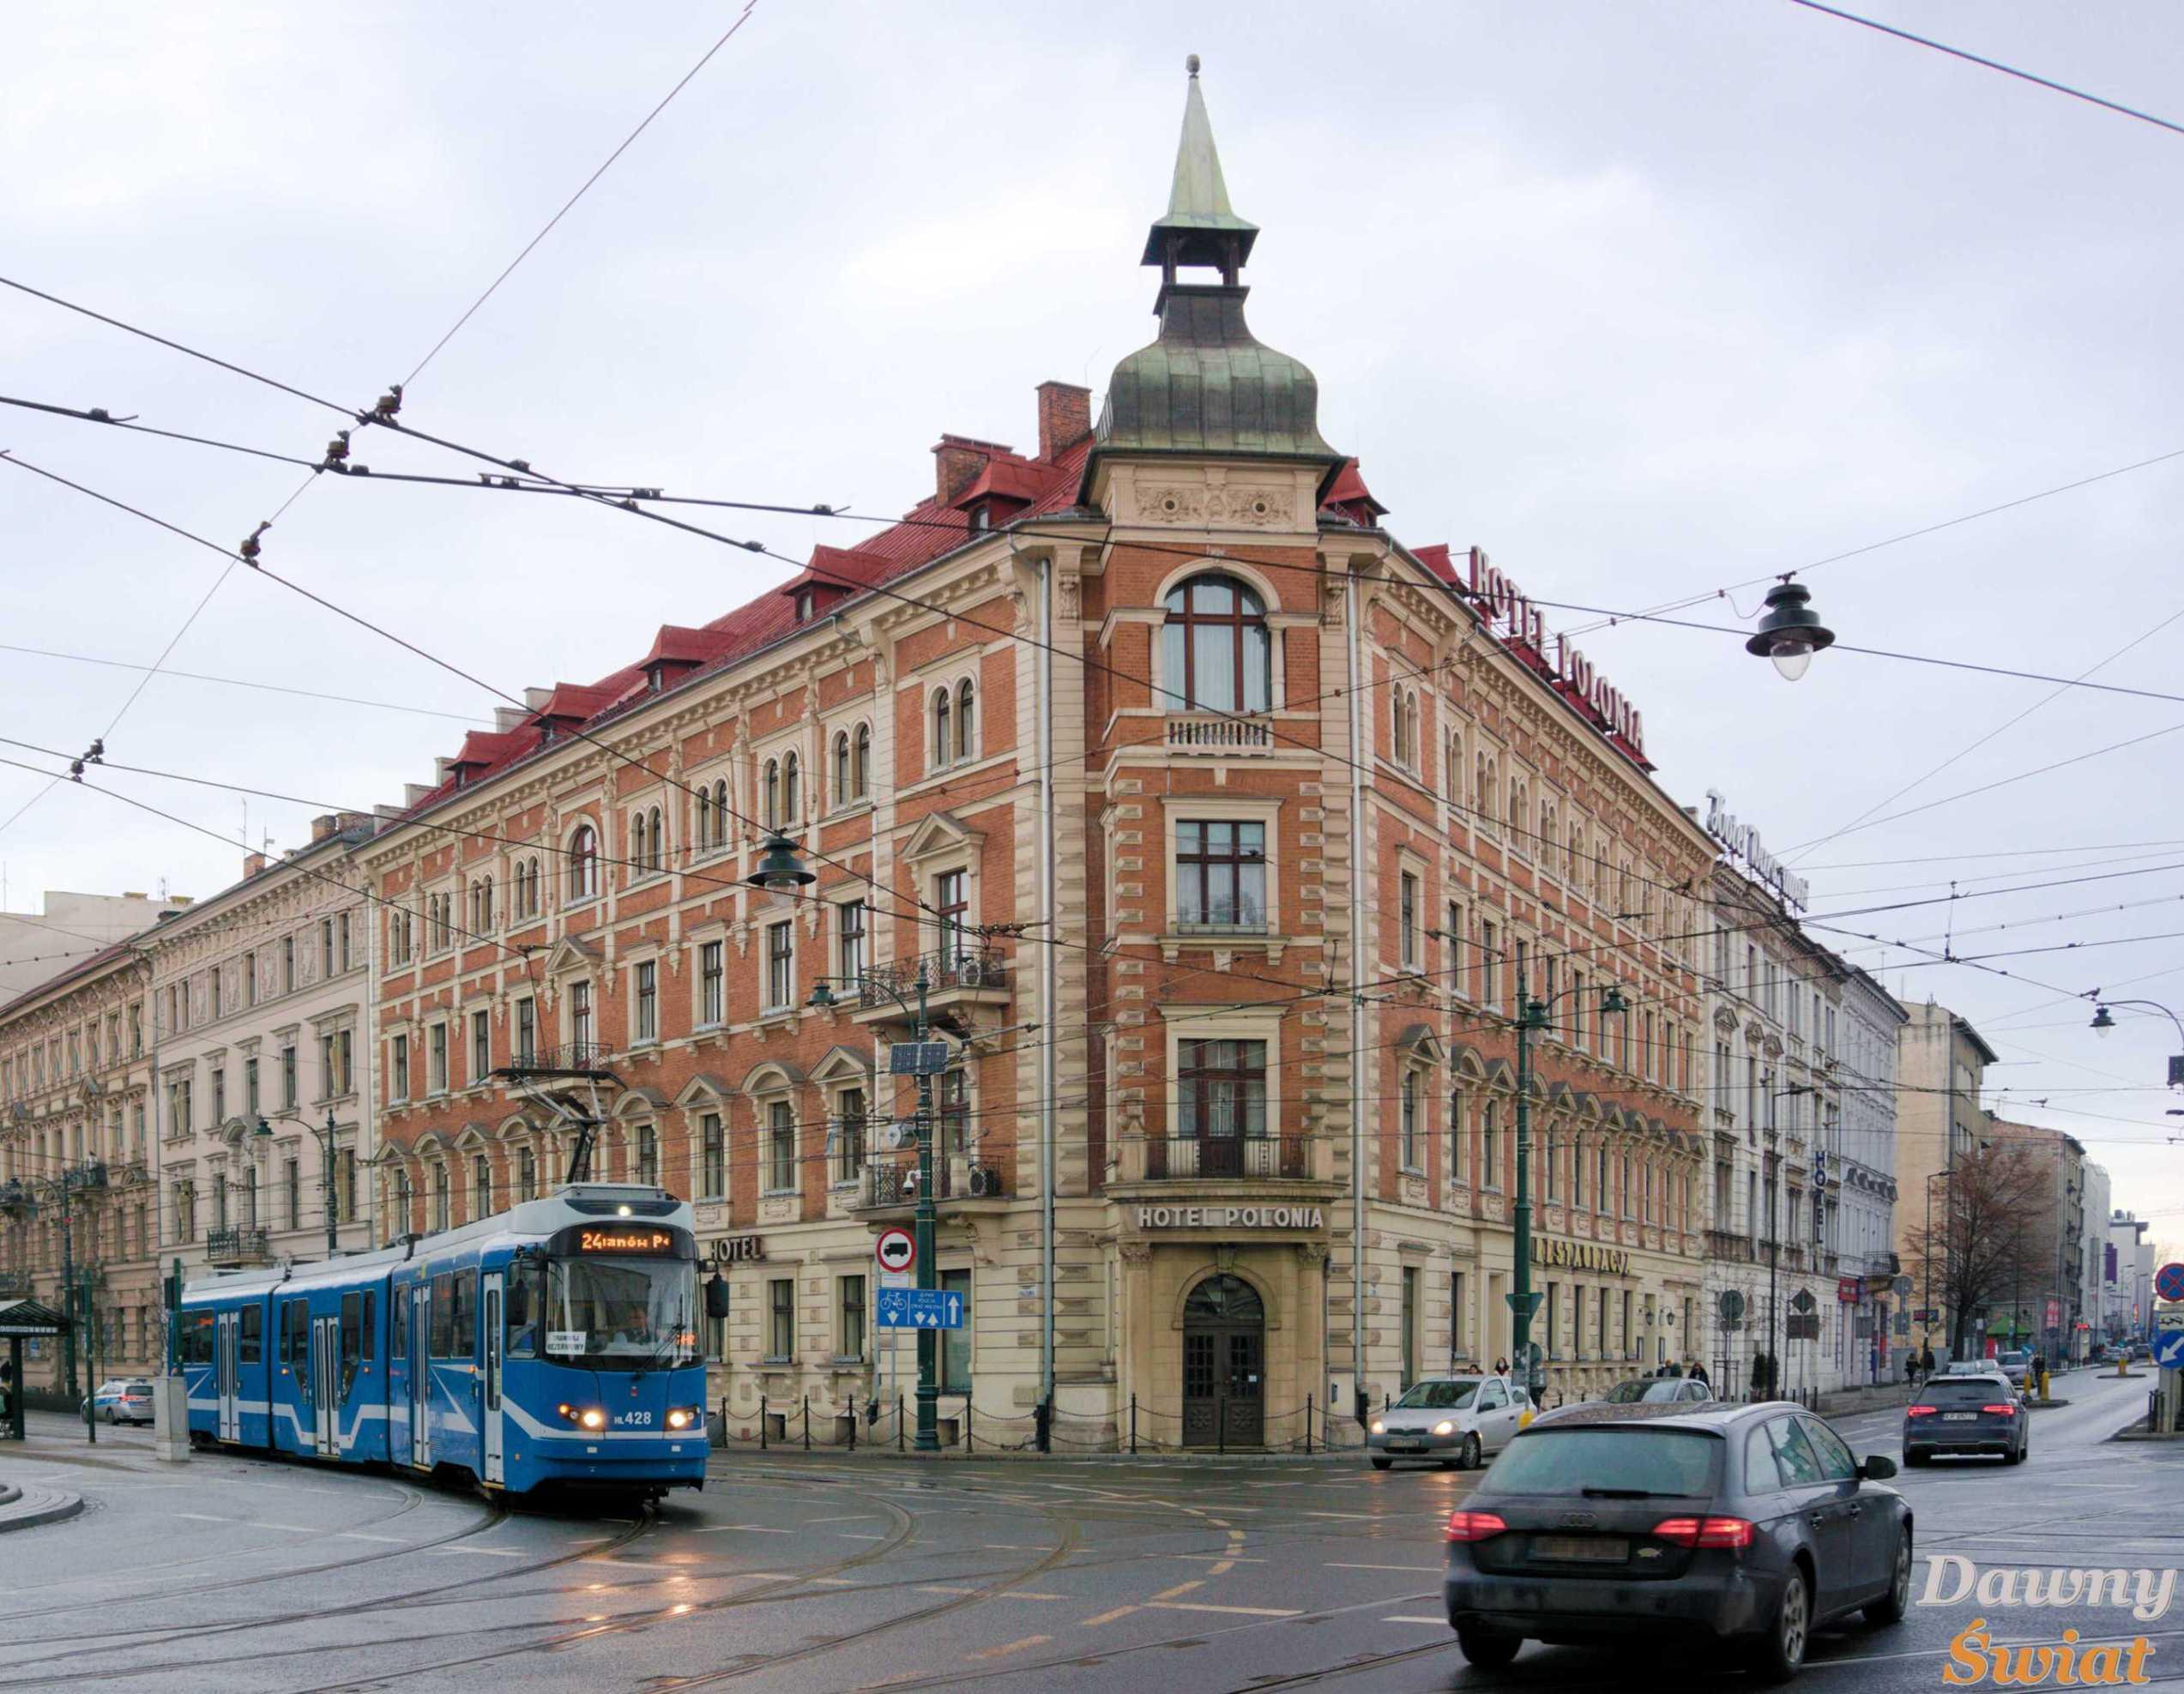 krakow_11_nowe